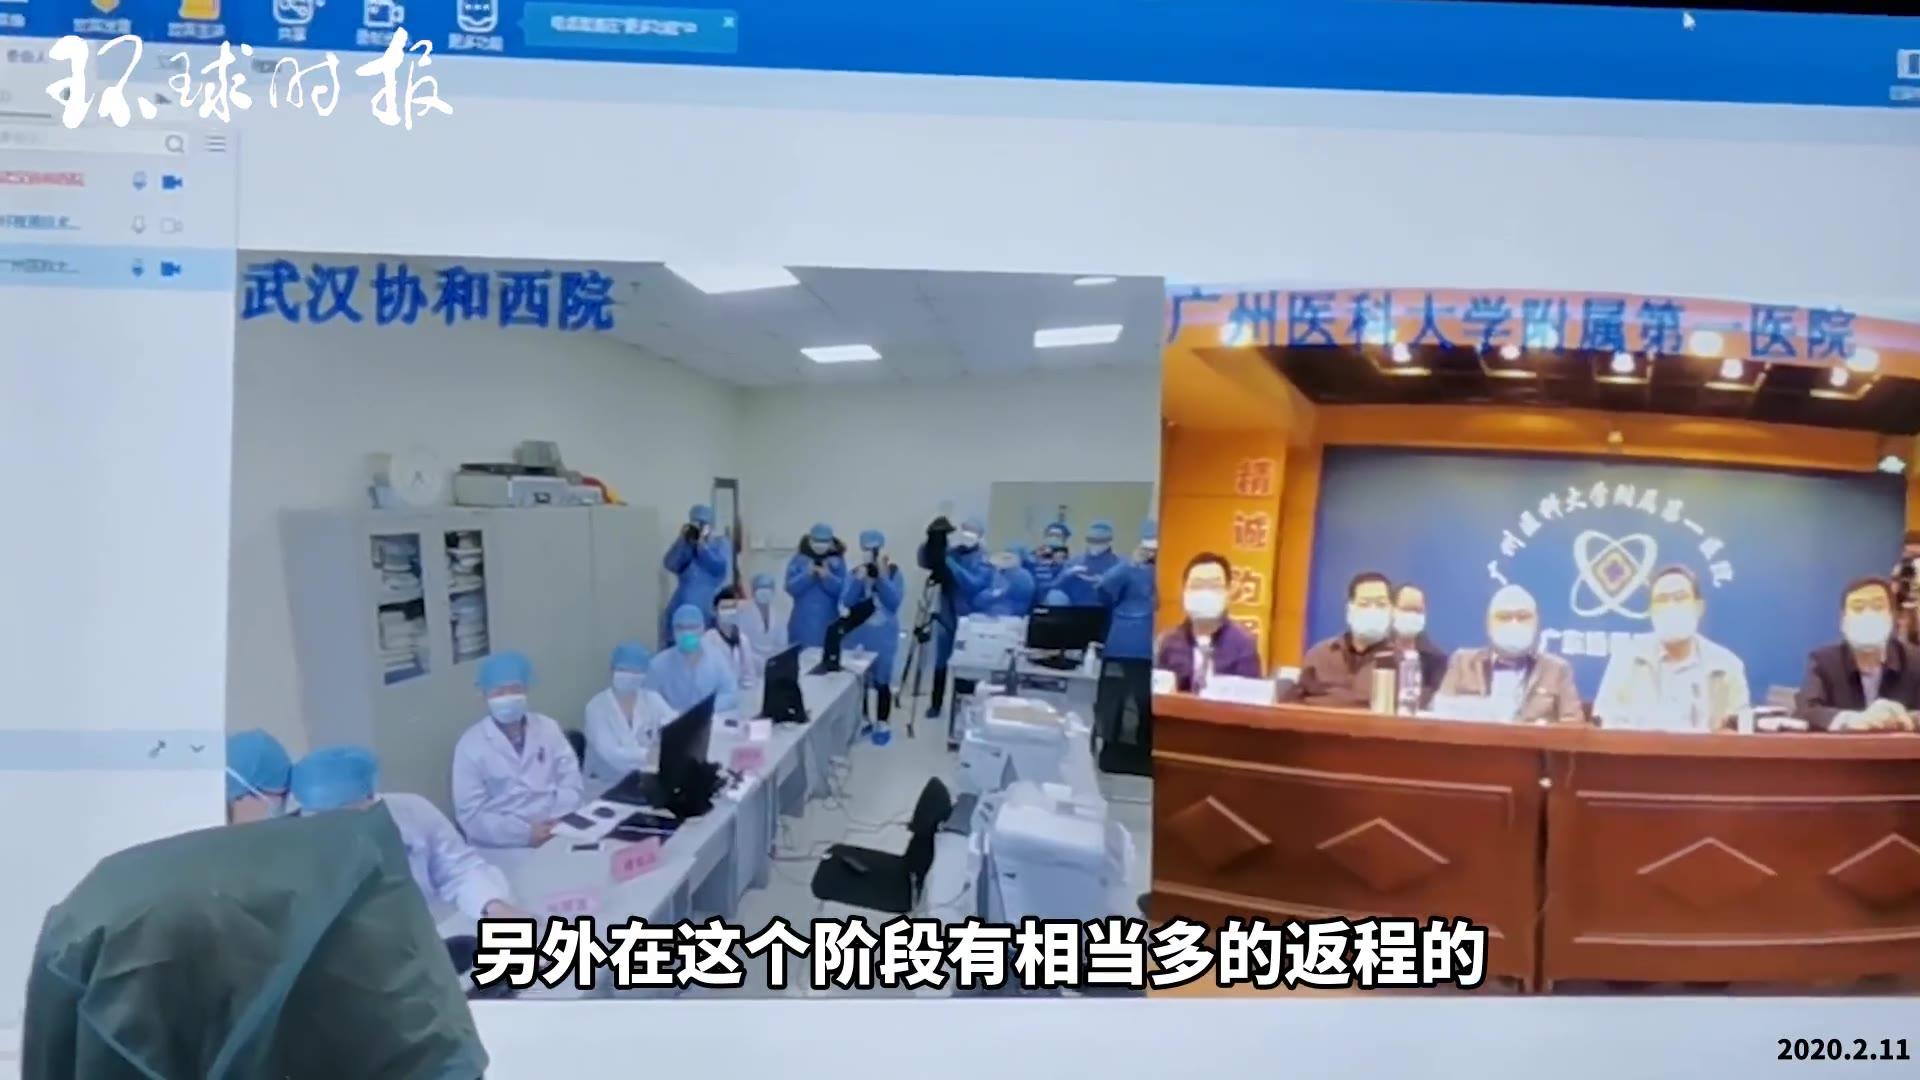 钟南山:当务之急是将病人与健康人隔开 2月中下旬或将到达峰值